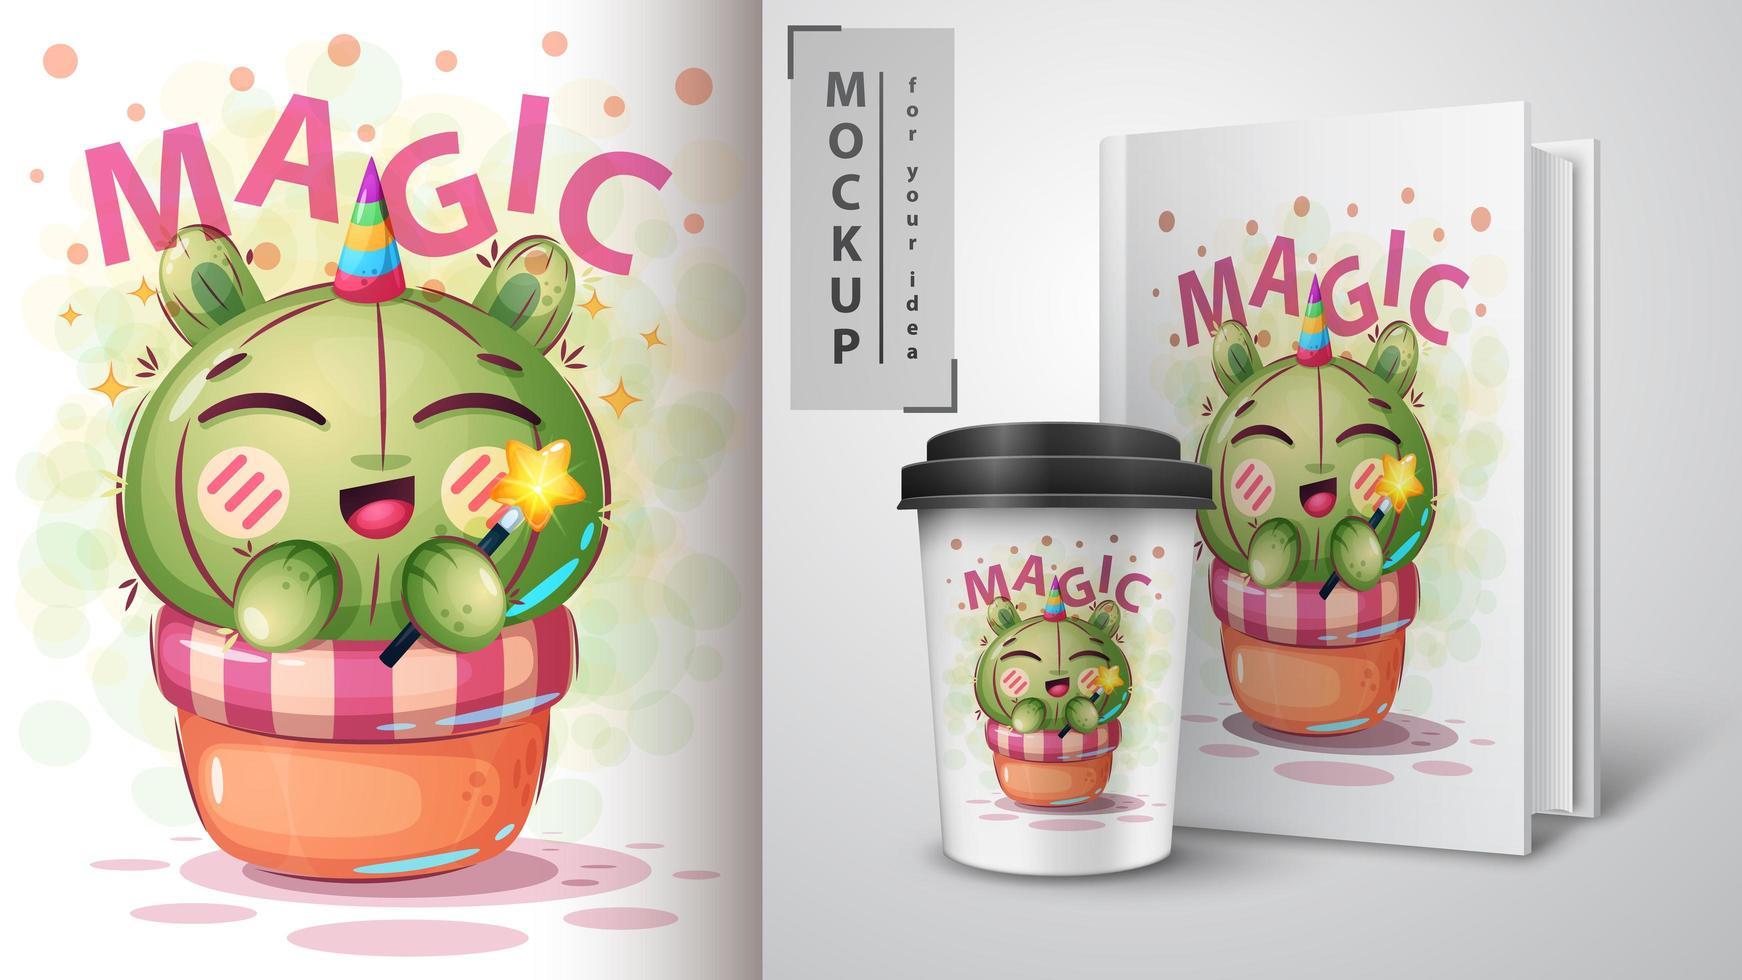 Cartoon Magic Unicorn Cactus Design vector